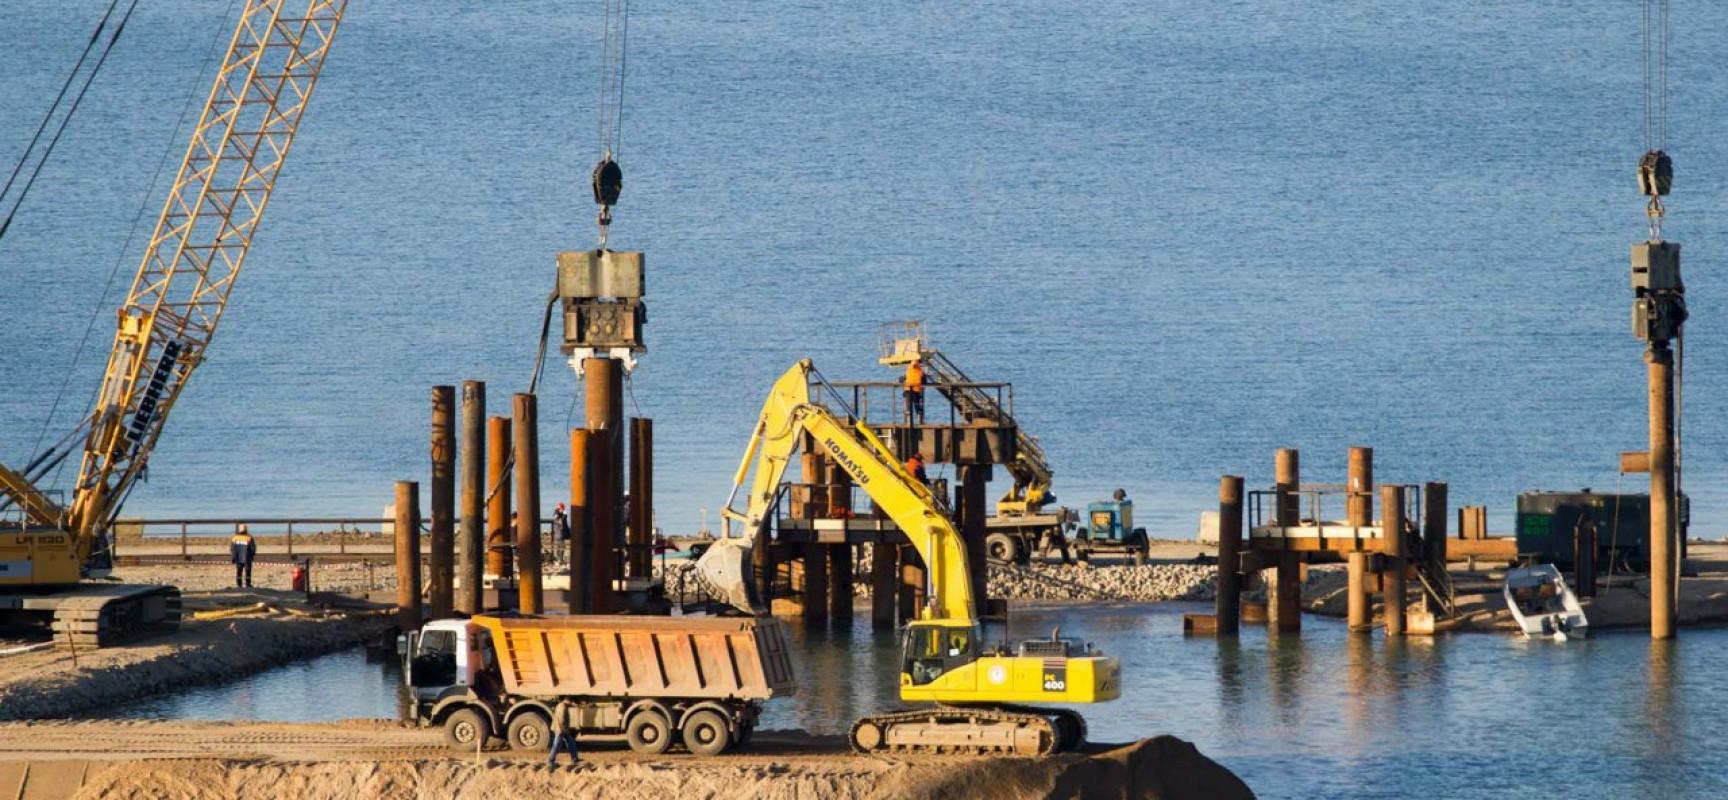 8 марта 2016. РМ-3, Керчь. Строительство технологического моста через пролив